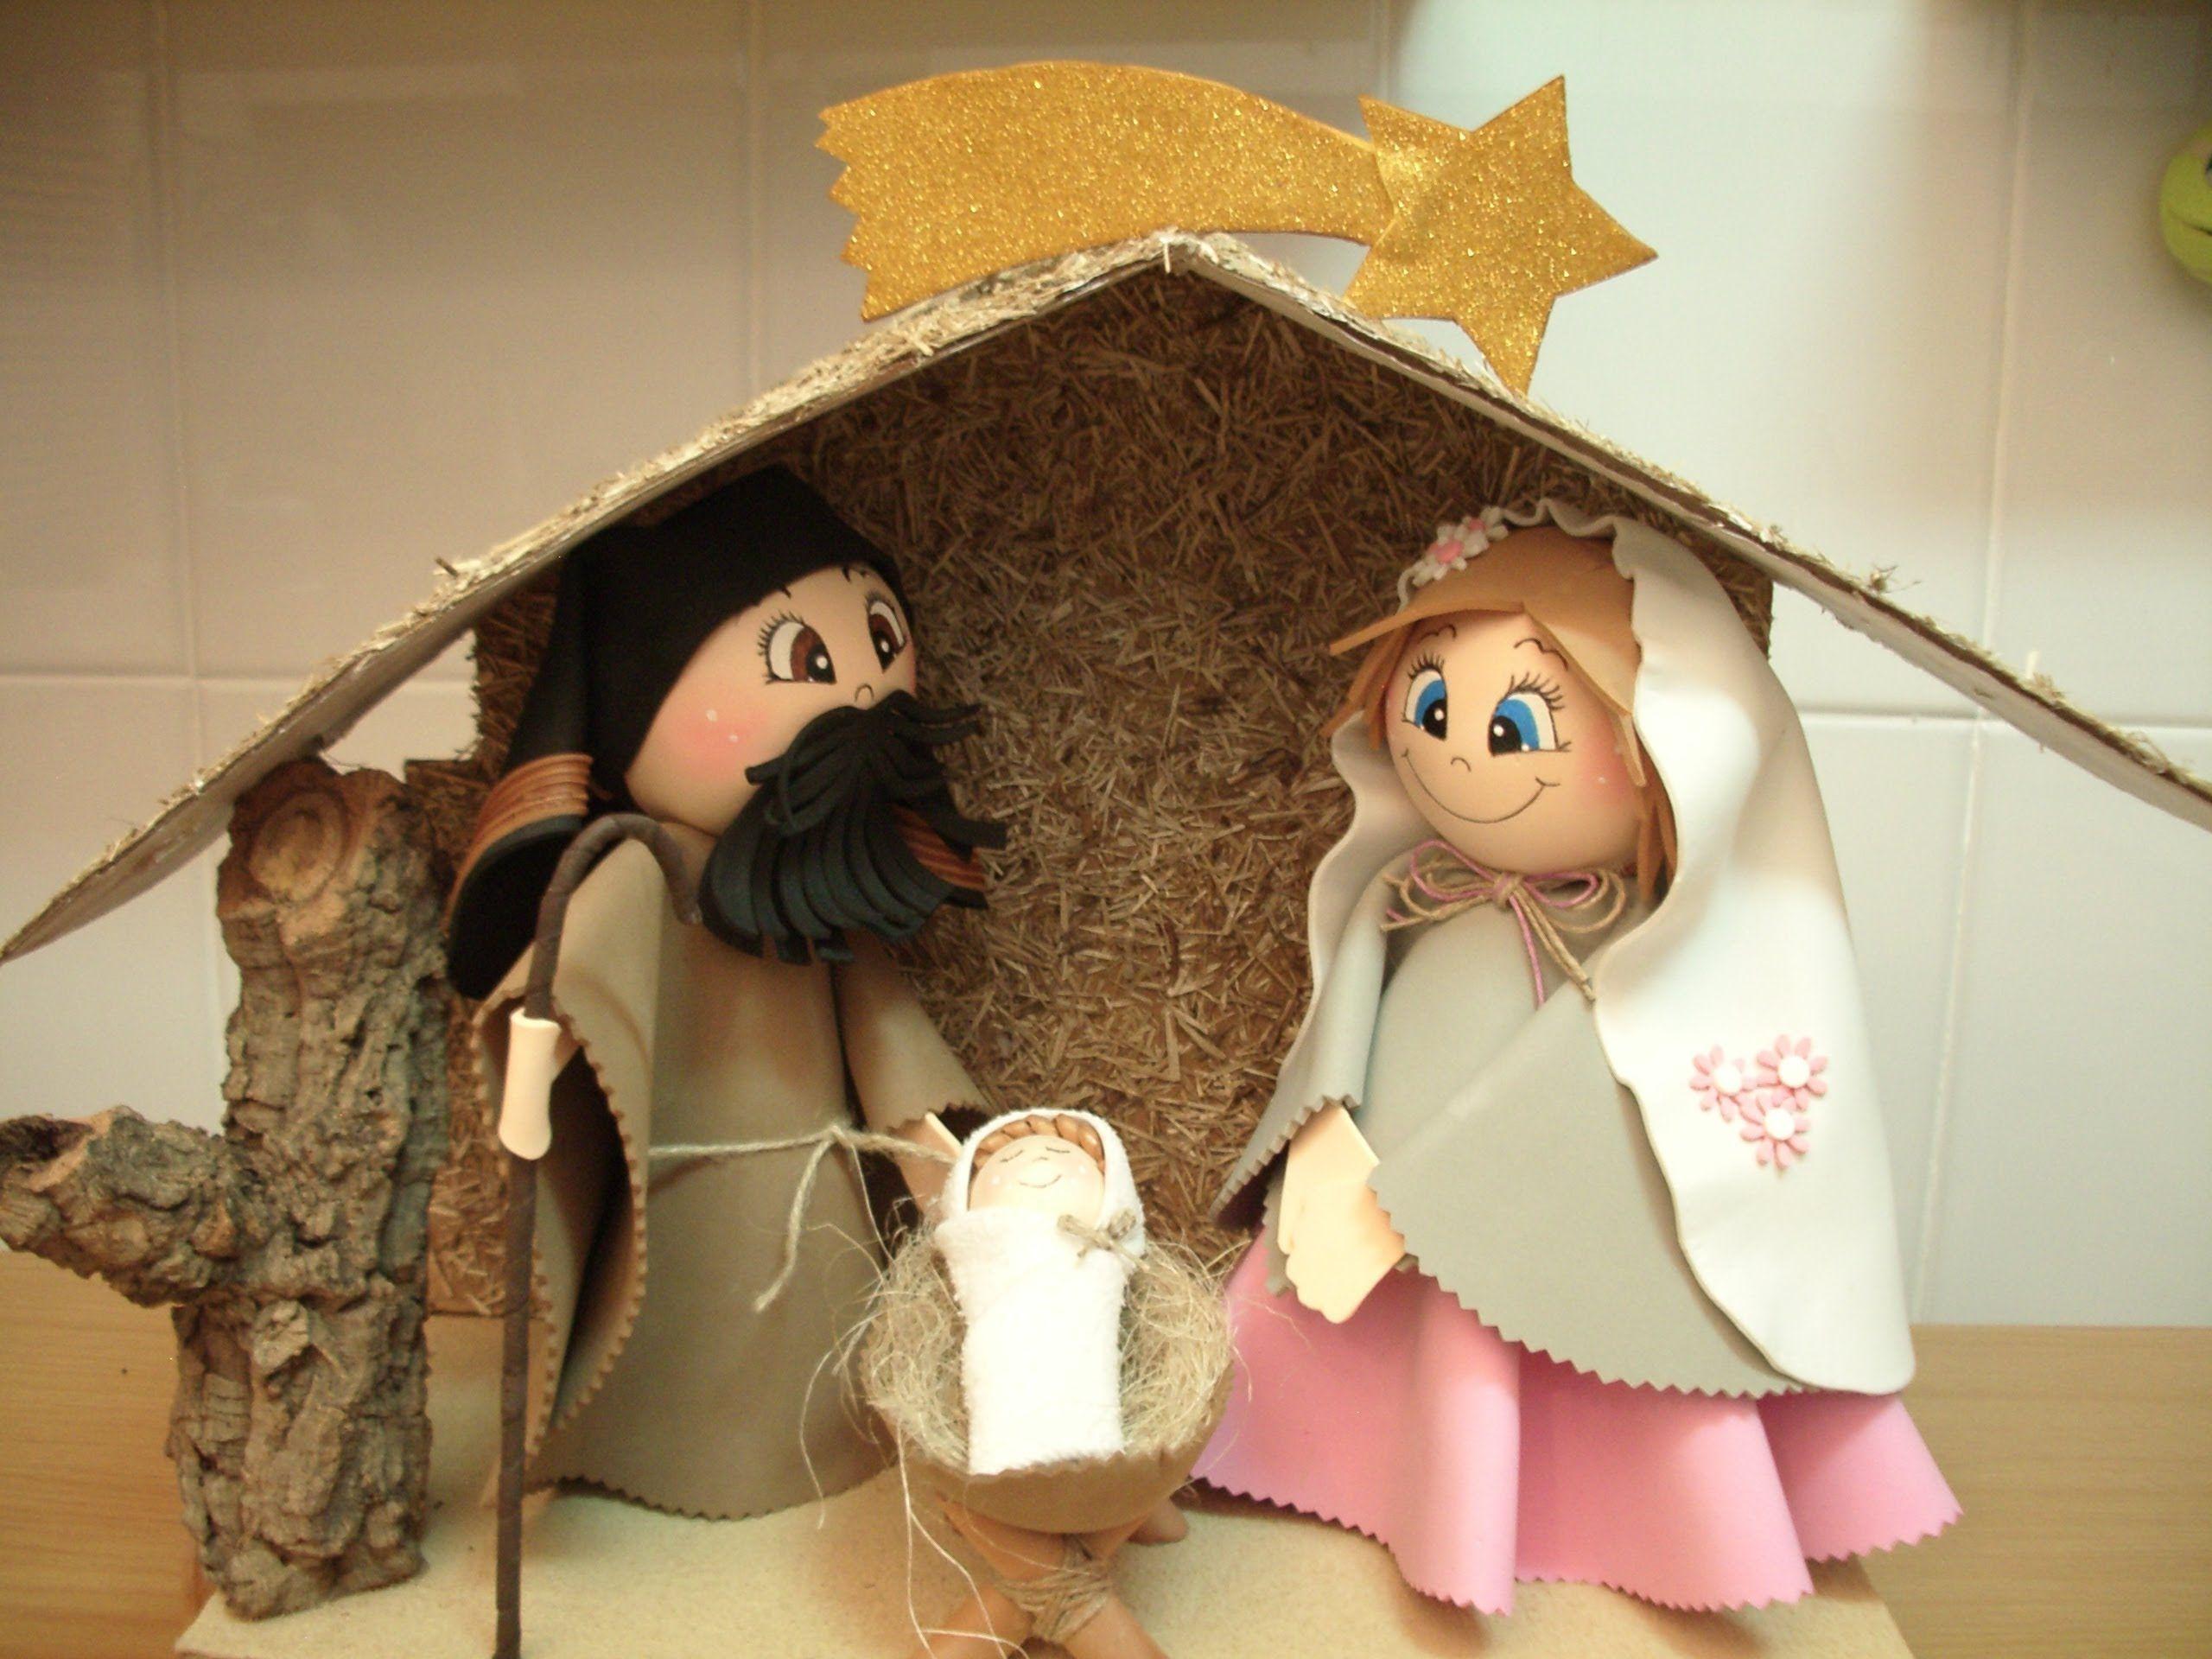 Como hacer un bel n o nacimiento de navidad en goma eva - Casas para belenes hechas a mano ...